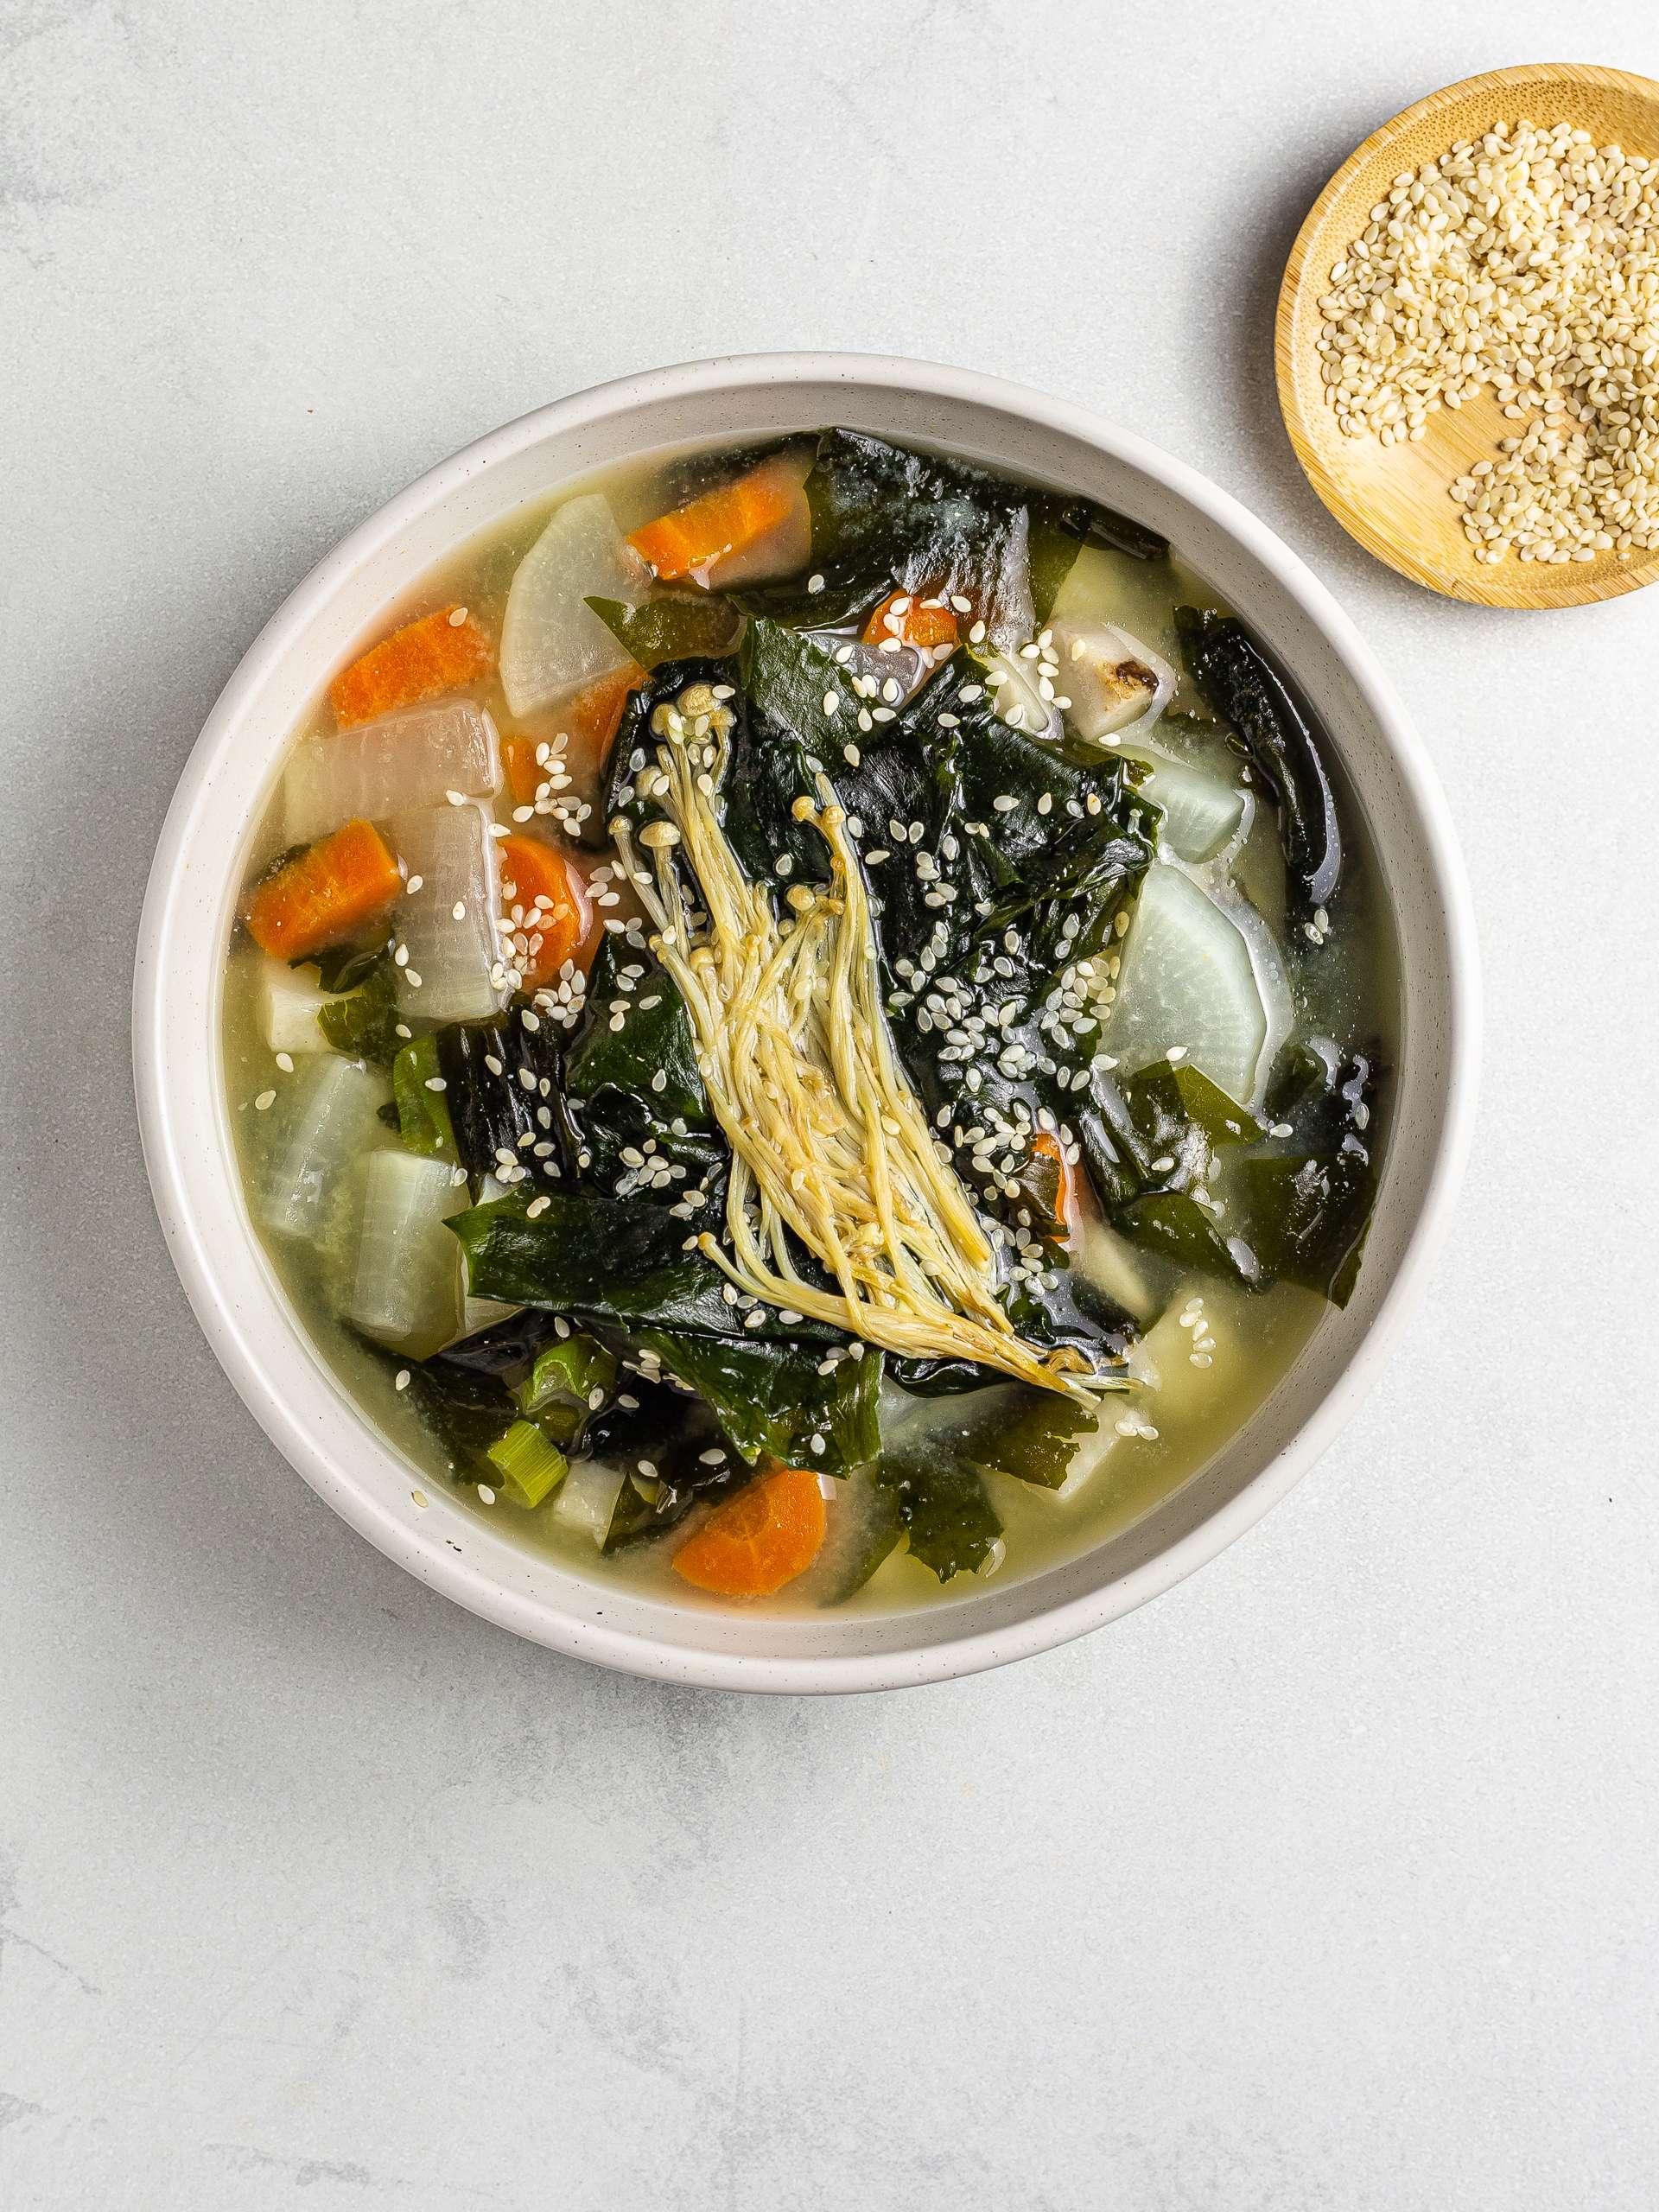 daikon miso soup with enoki mushrooms